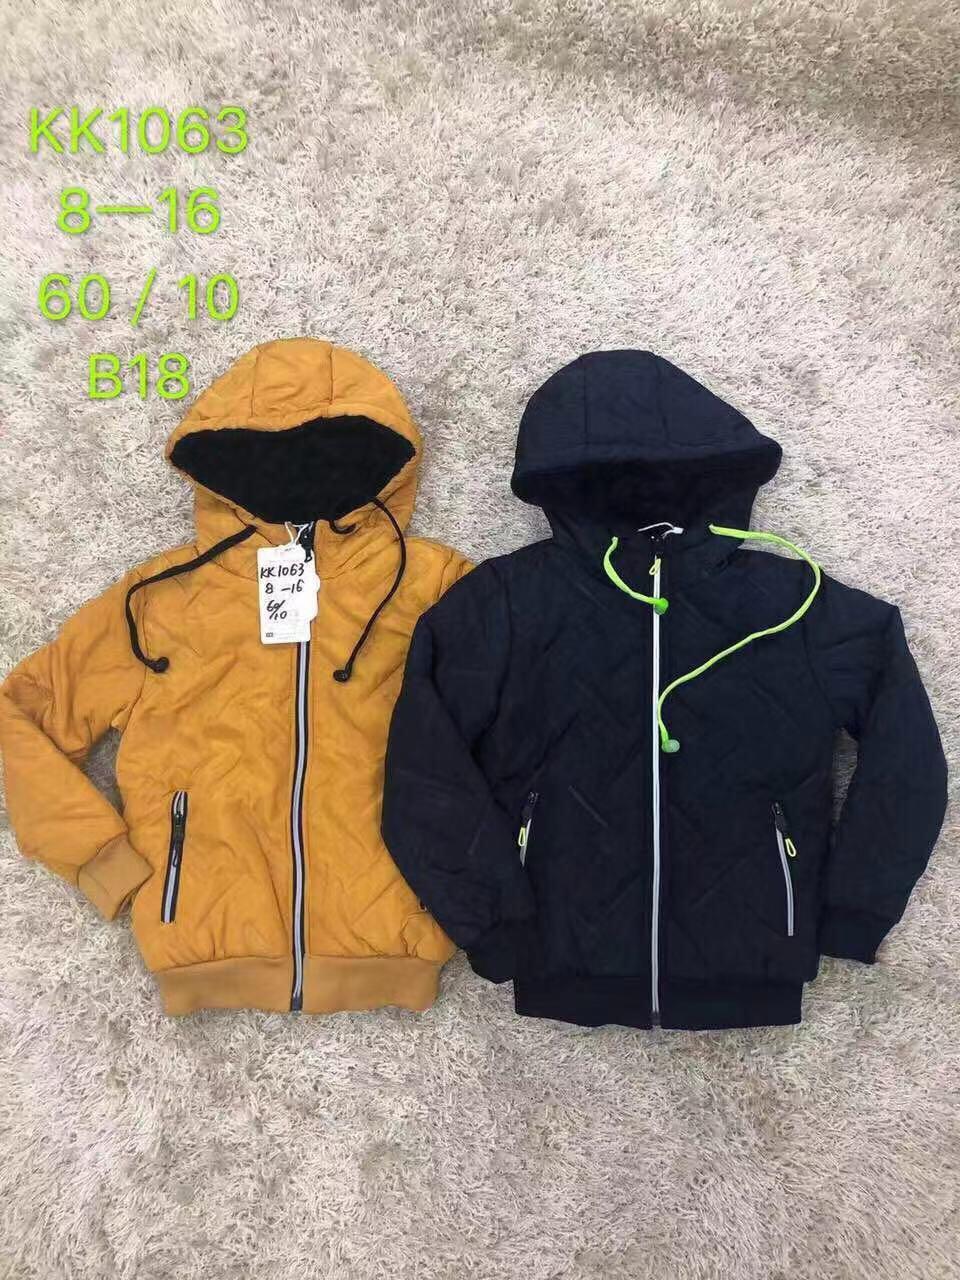 Куртки для мальчиков утеплённые оптом, размеры 8-16  лет, S&D арт. КК-1063